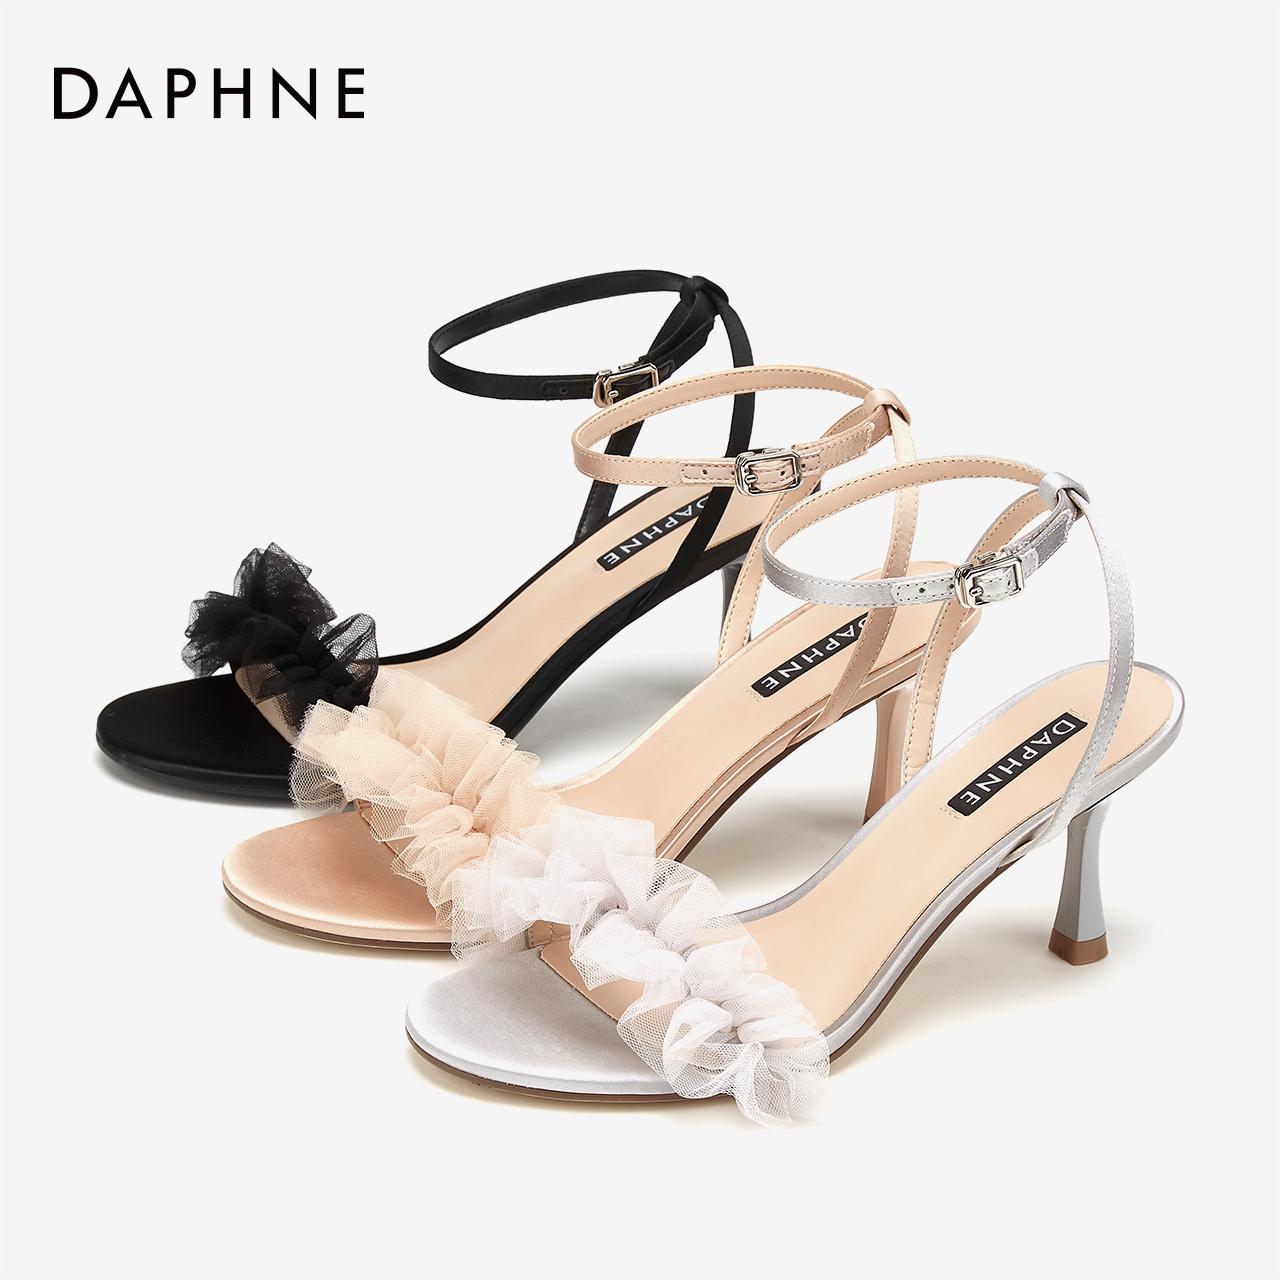 夏凉鞋女褶皱轻纱酒杯跟凉鞋缎面交叉带中空细跟高跟鞋 2019 达芙妮